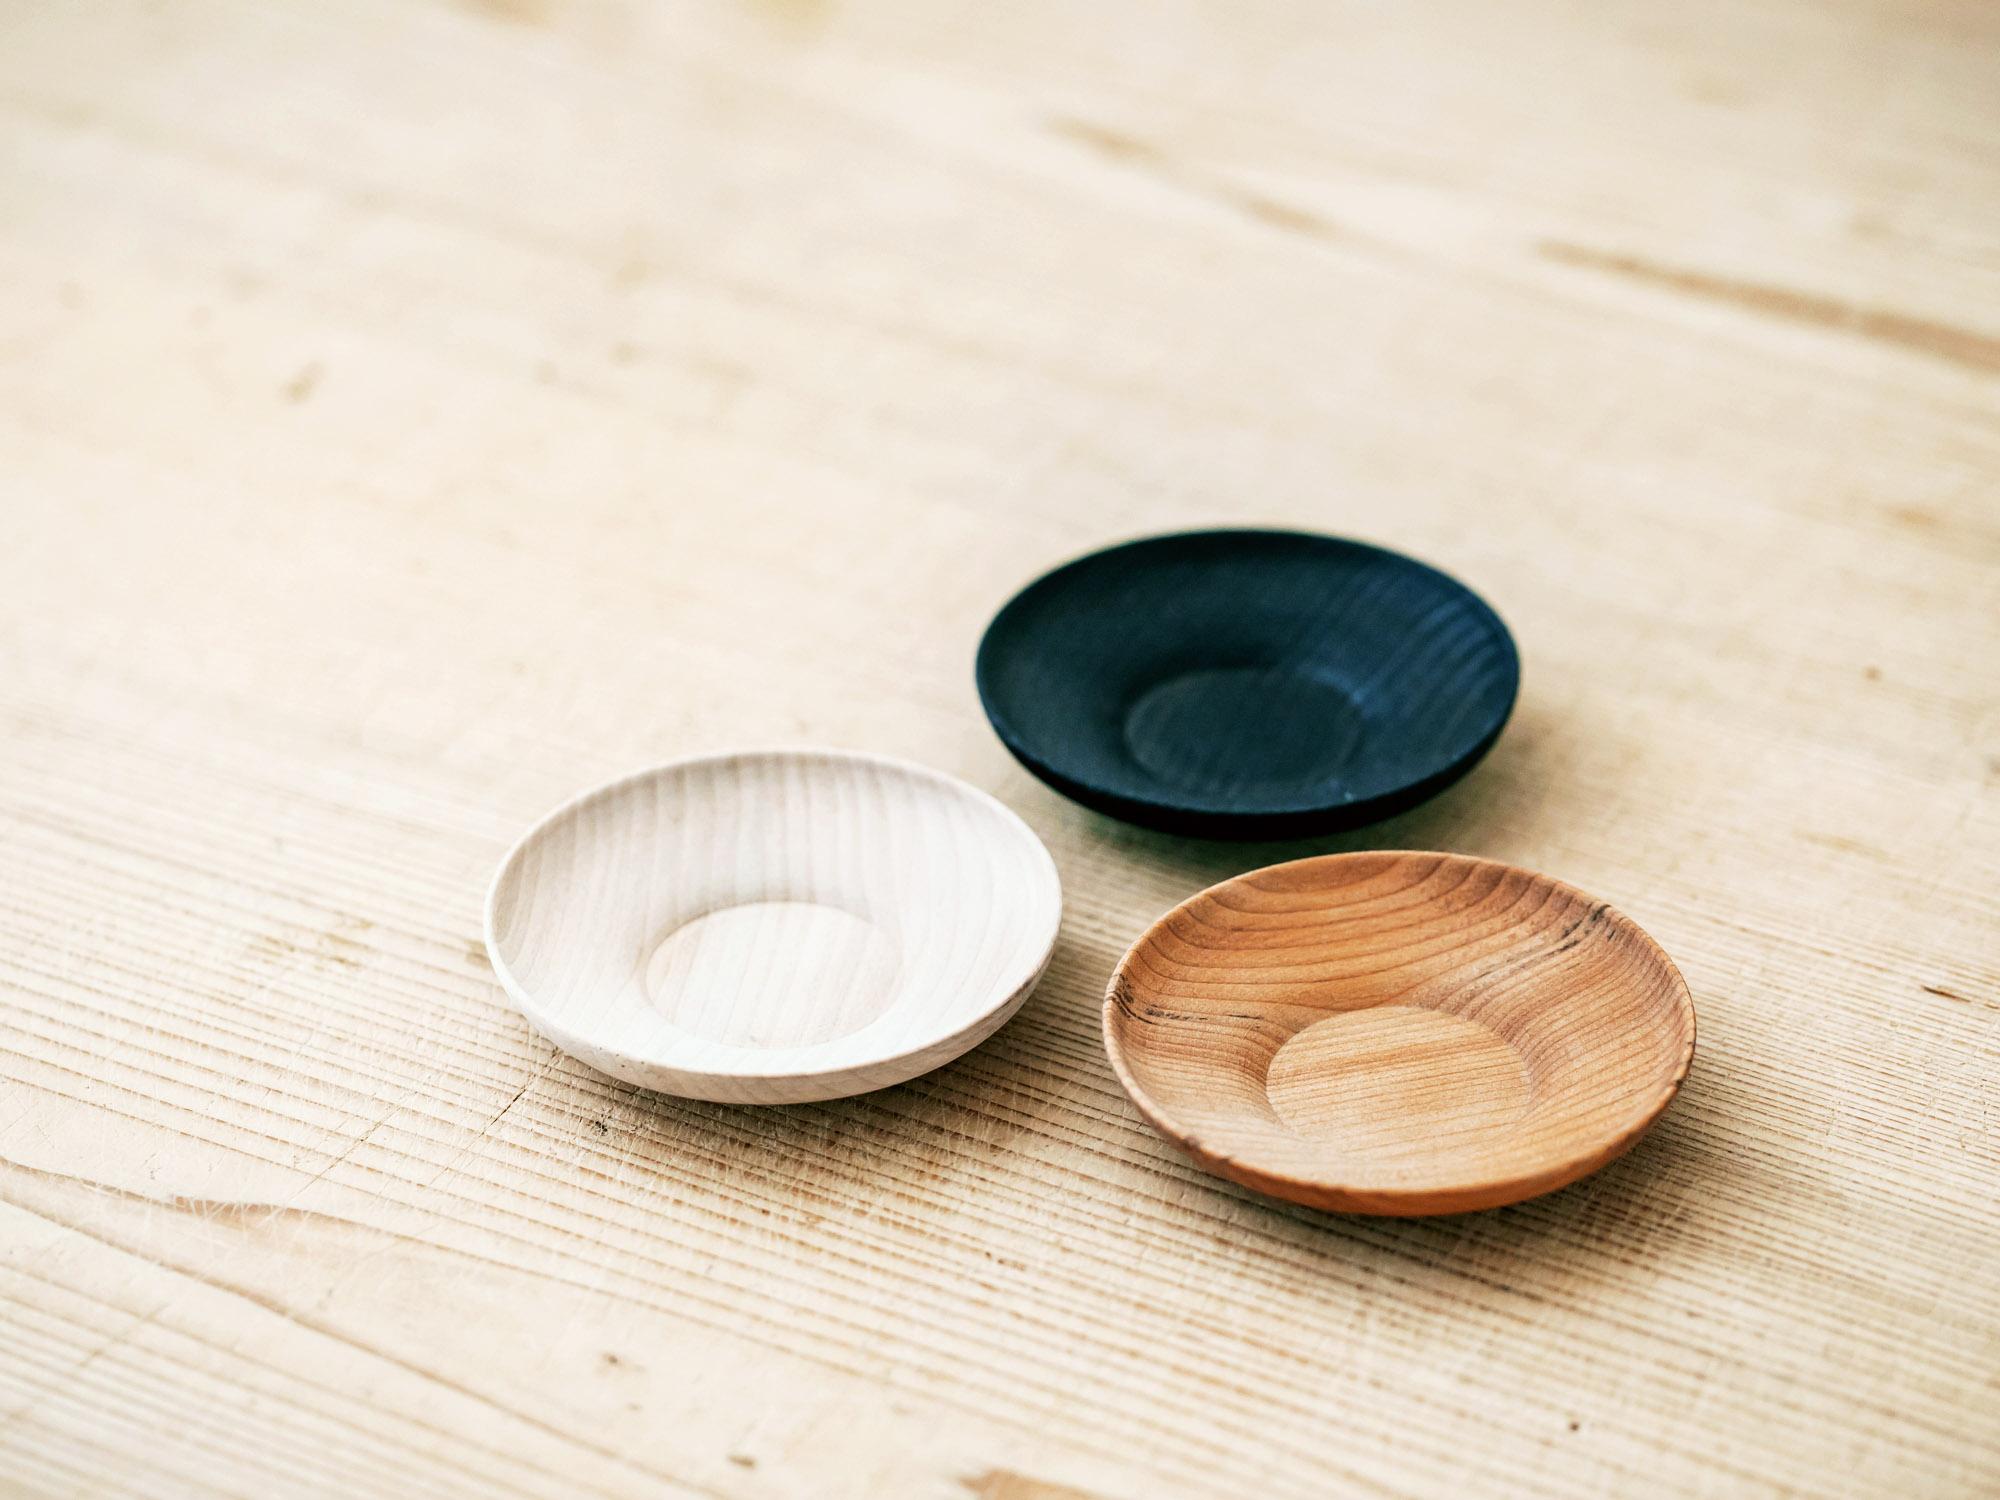 茶托(白木・オイル・墨黒)/南景製陶園